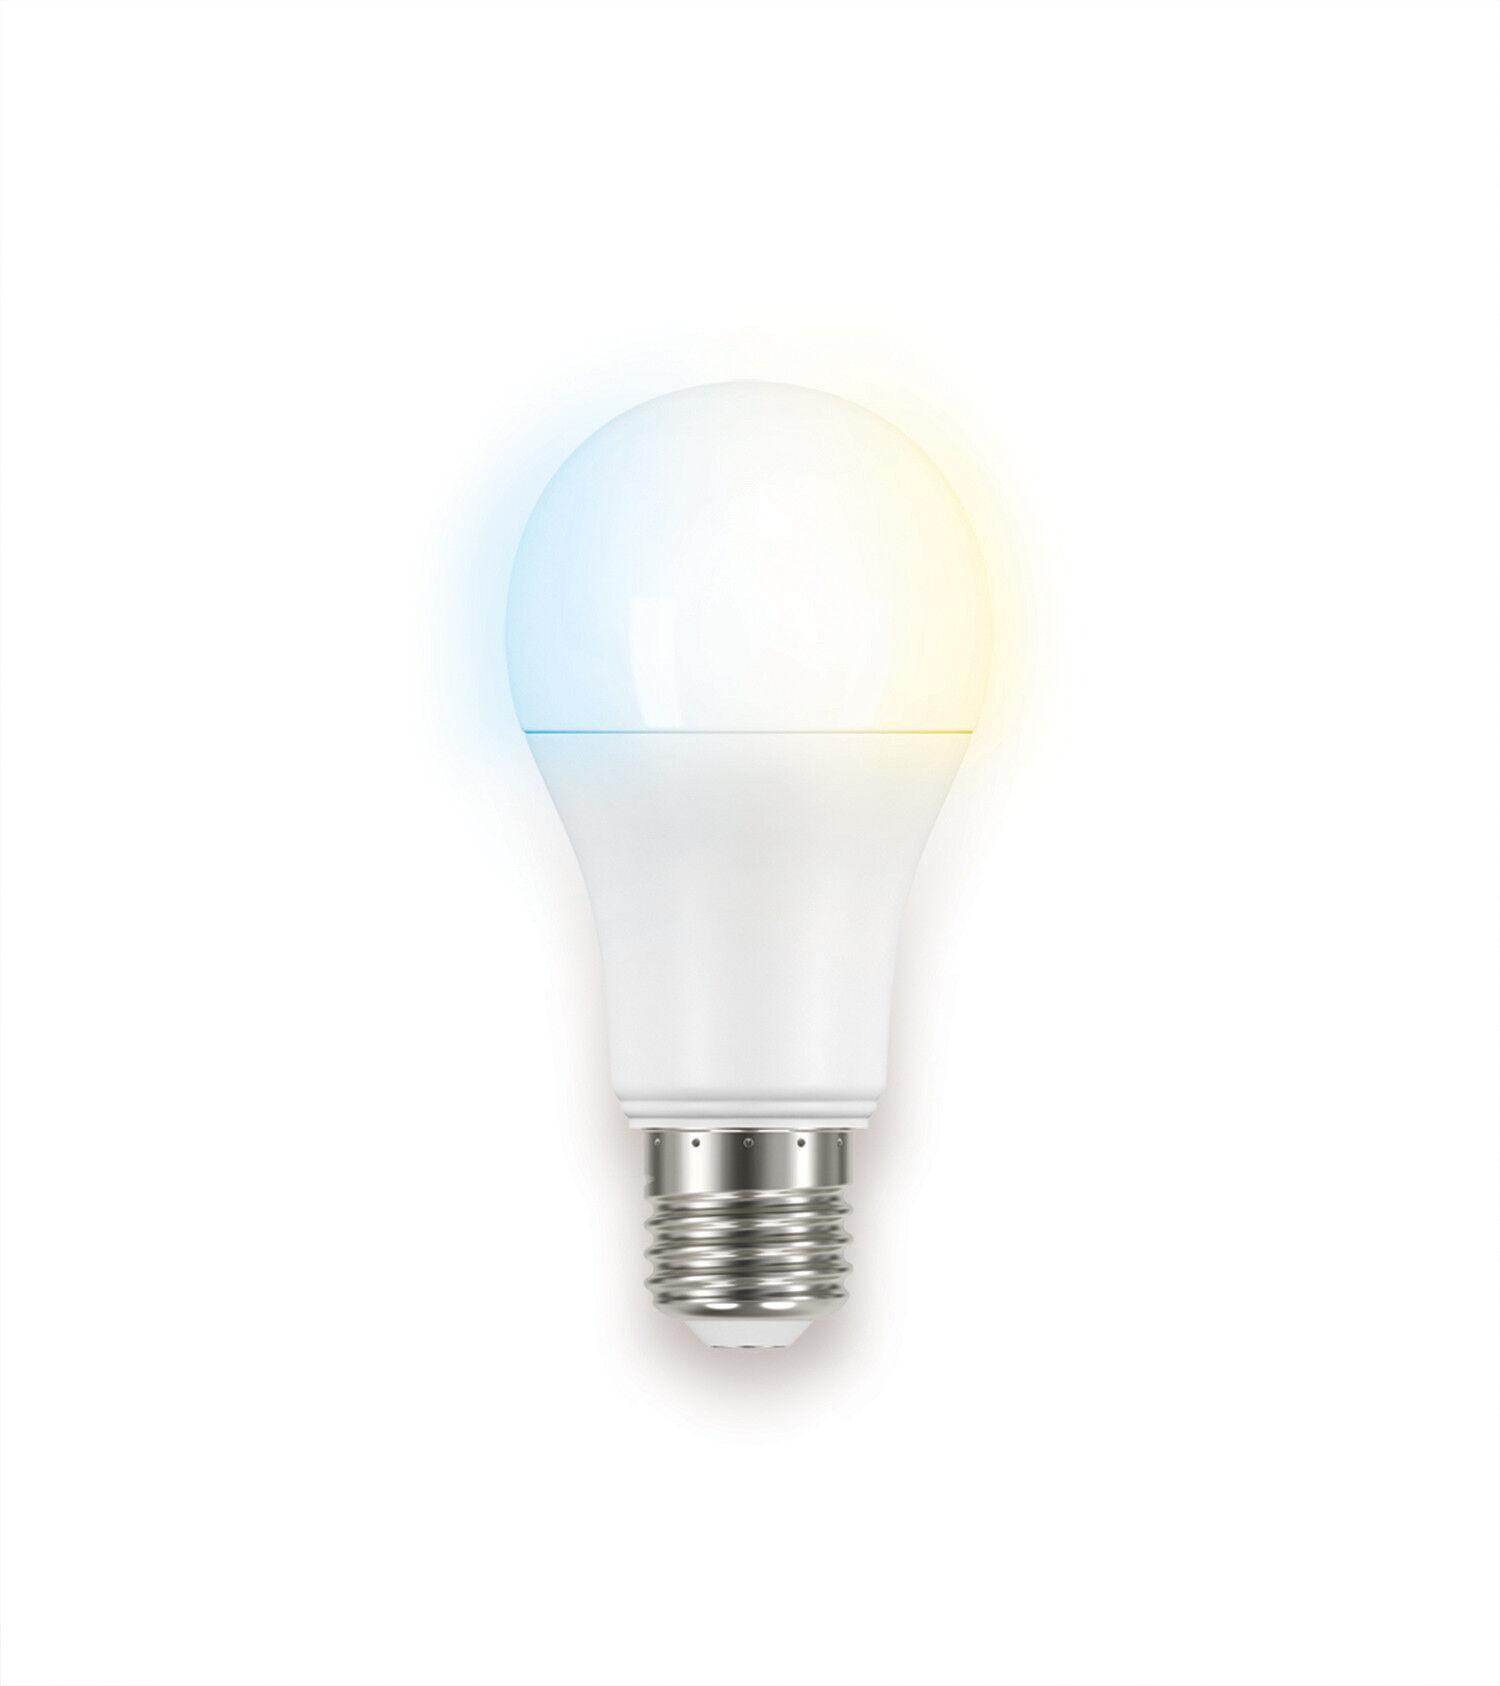 6e27Aeotec Multi Led Blanc Ampoule Bulb qMSUVpz